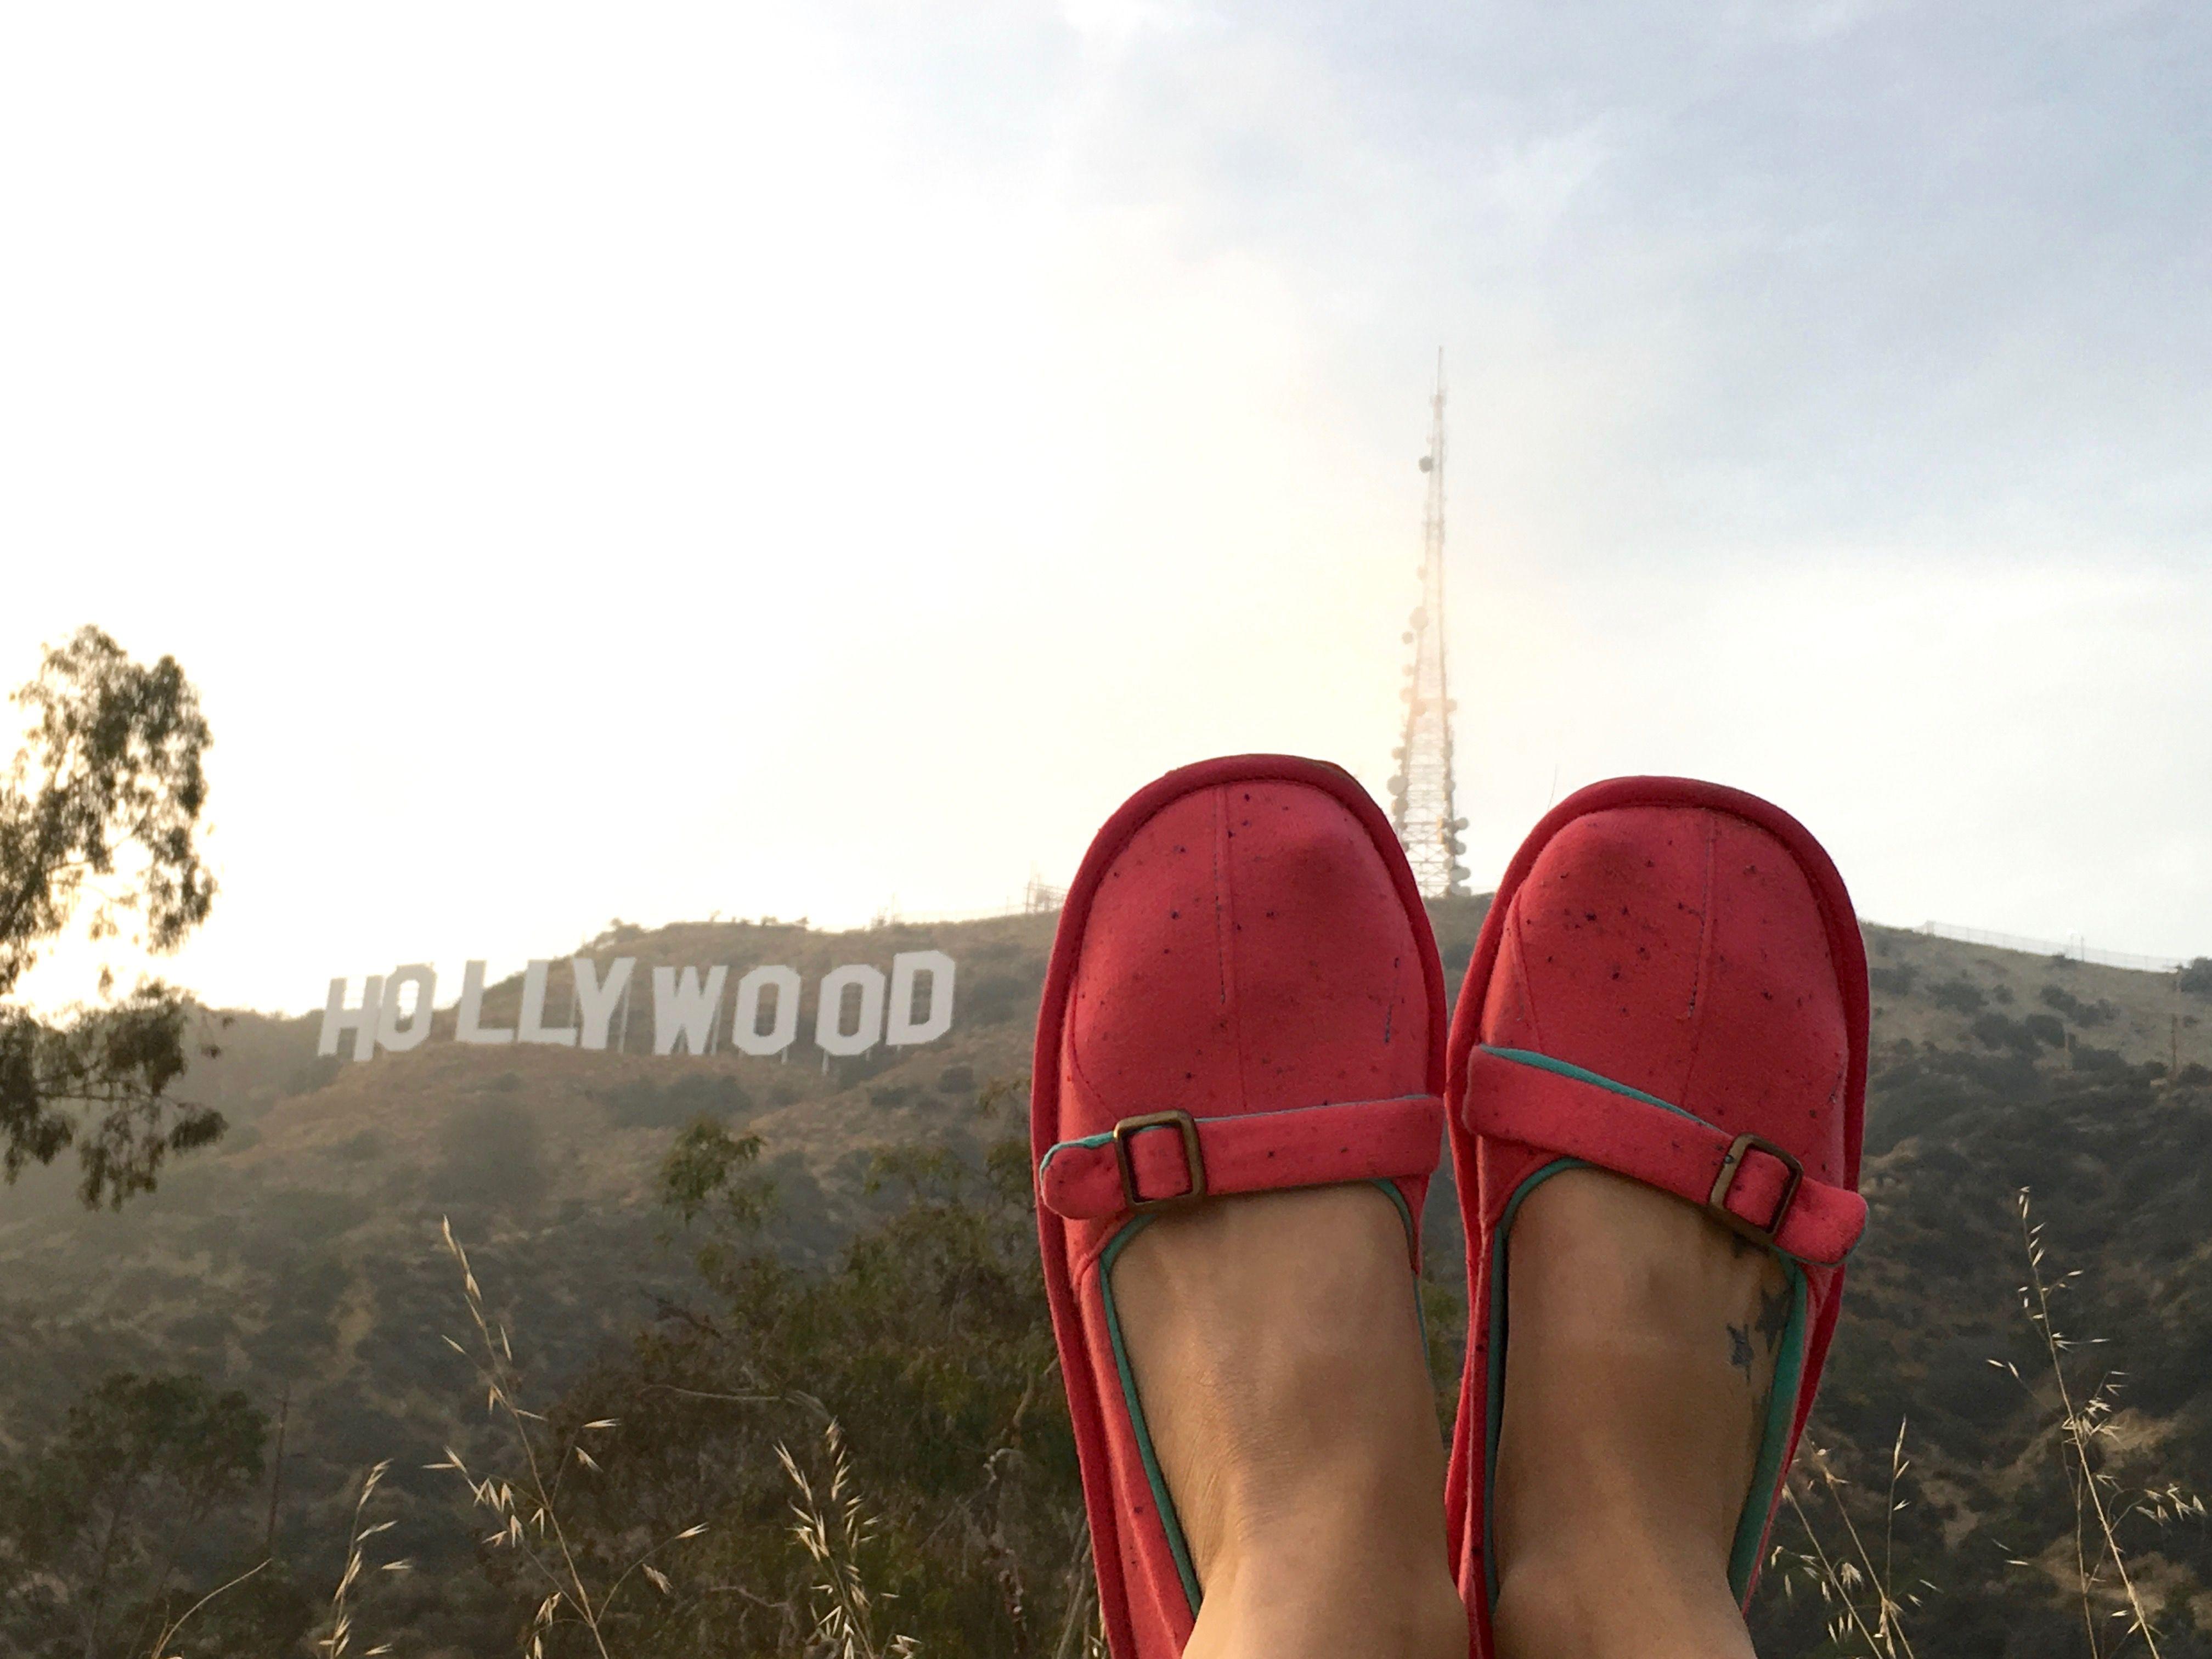 #hollywood#floripondias#cine#viaje